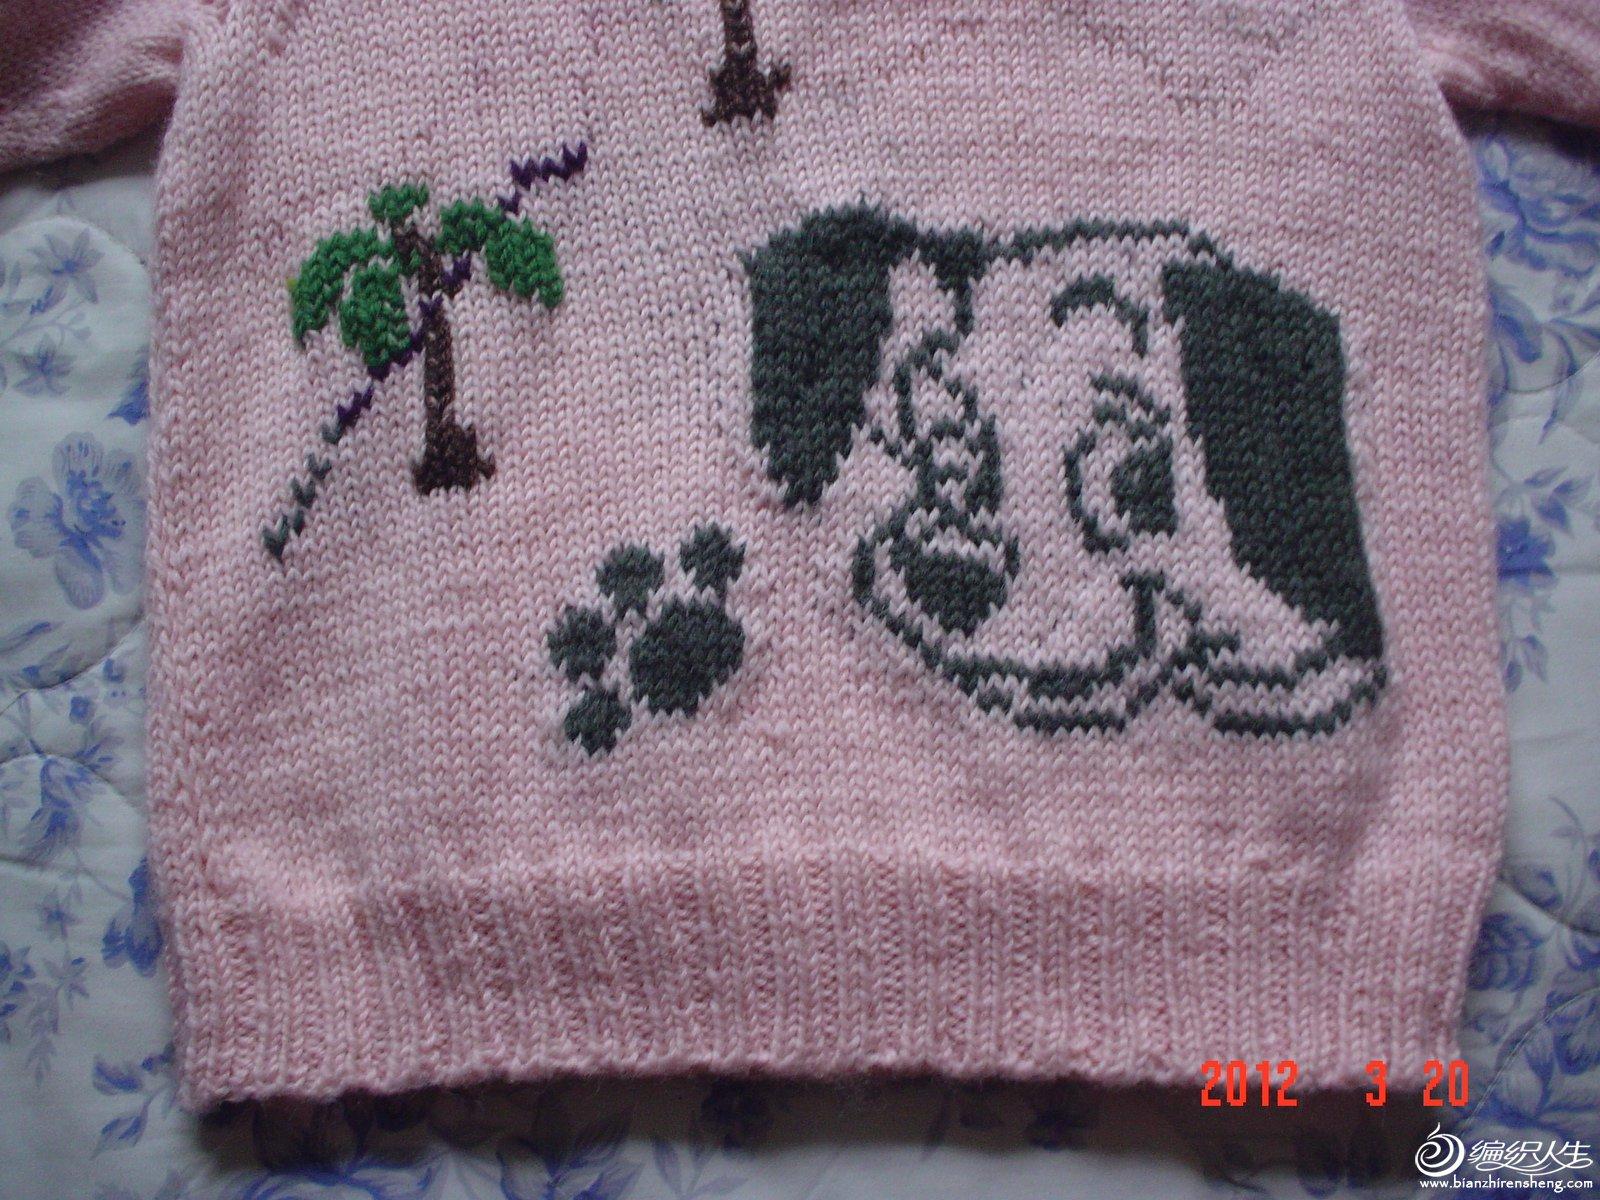 背后编织的狗狗图案